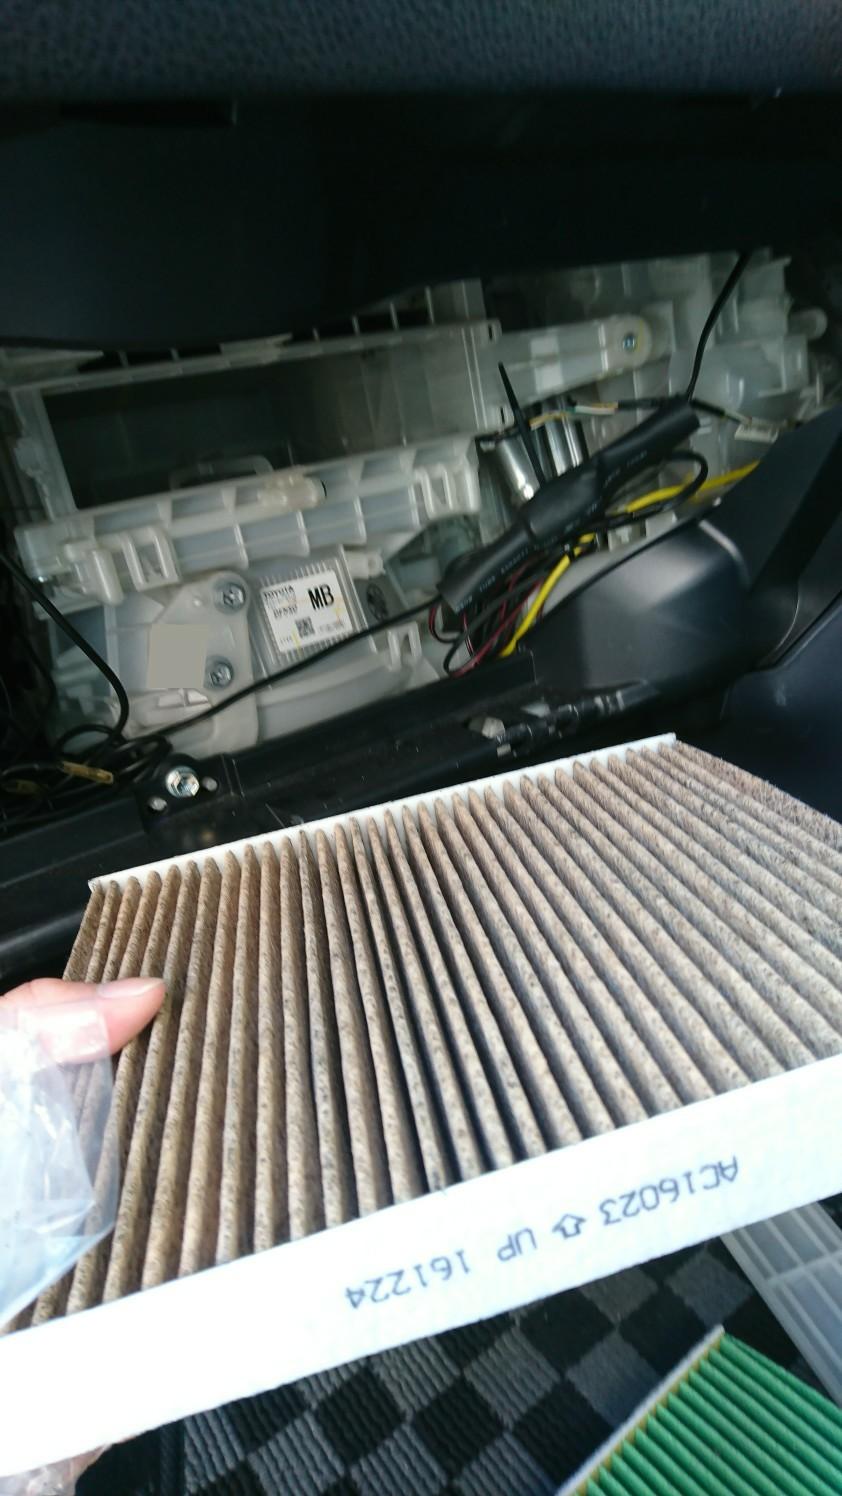 溶剤が全て無くなったら②のエアコンスイッチをONにして5分以上待ちます。<br /> その間に新しいエアコンフィルターを装着して、グローブボックスを取り付けて終わりです✨